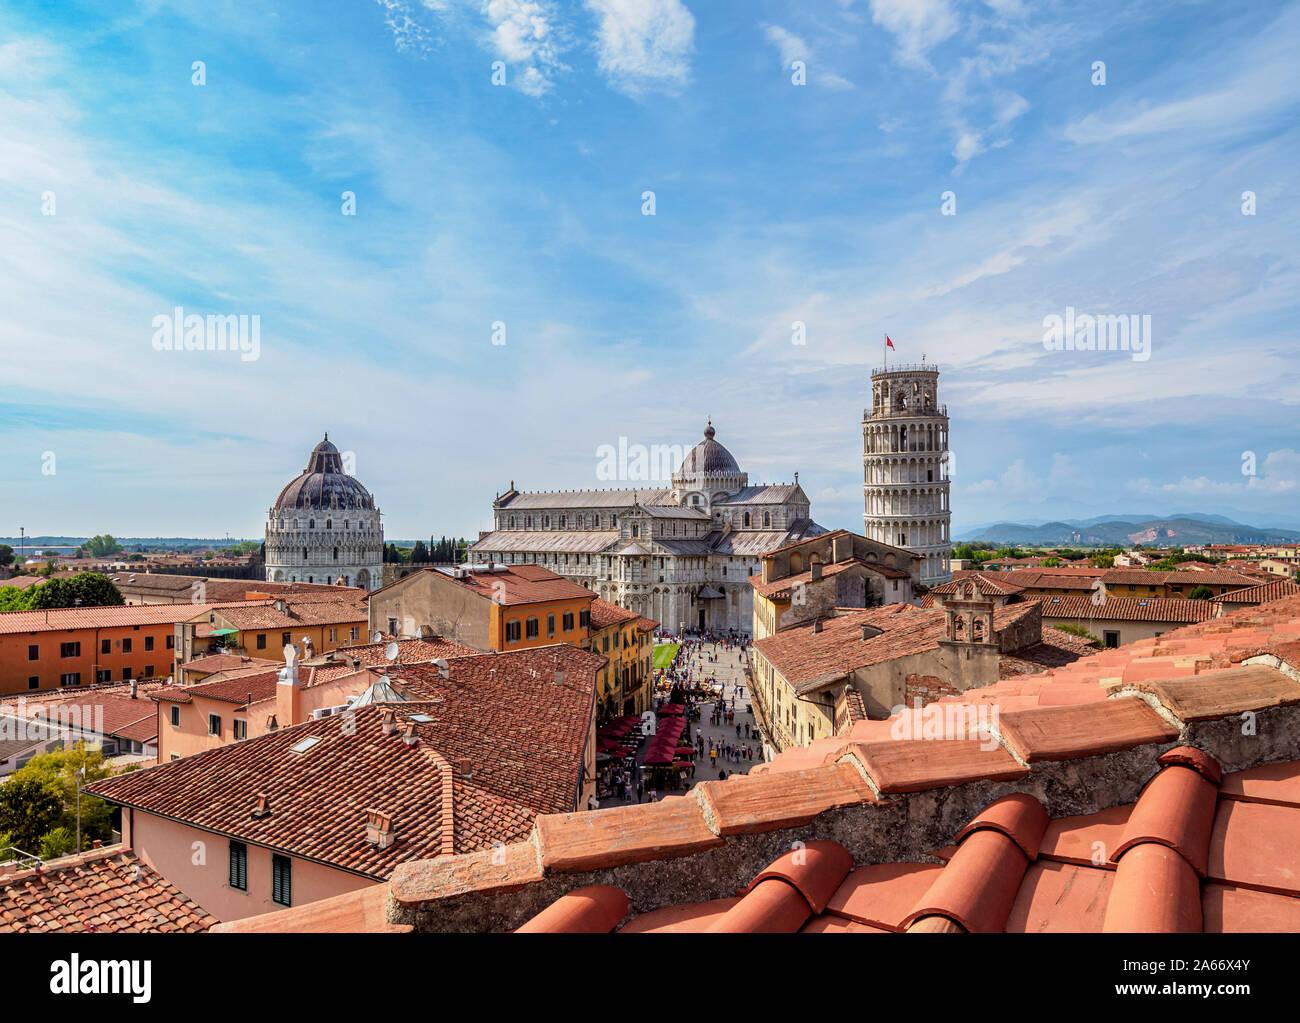 Vue sur la Via Santa Maria en direction de la cathédrale et de la Tour de Pise, Pise, Toscane, Italie Banque D'Images